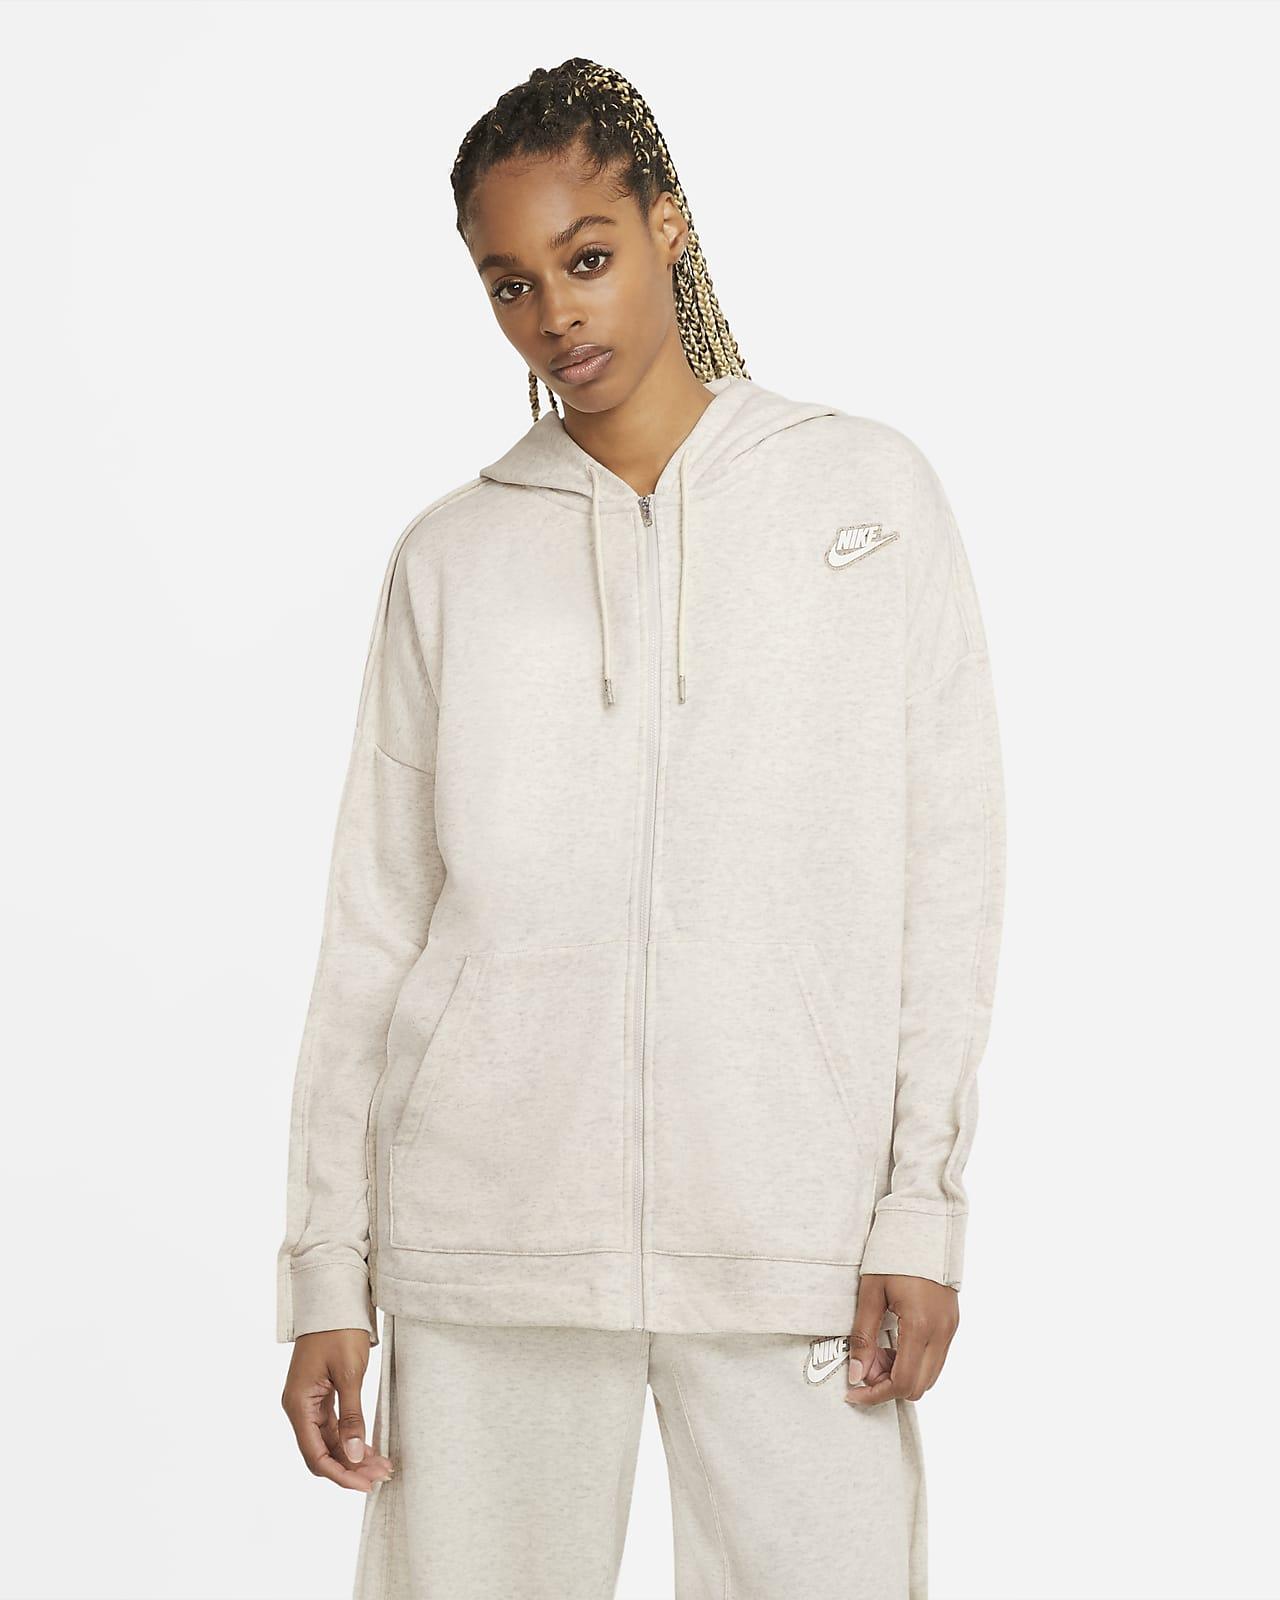 Nike Sportswear Women's Full-Zip French Terry Hoodie